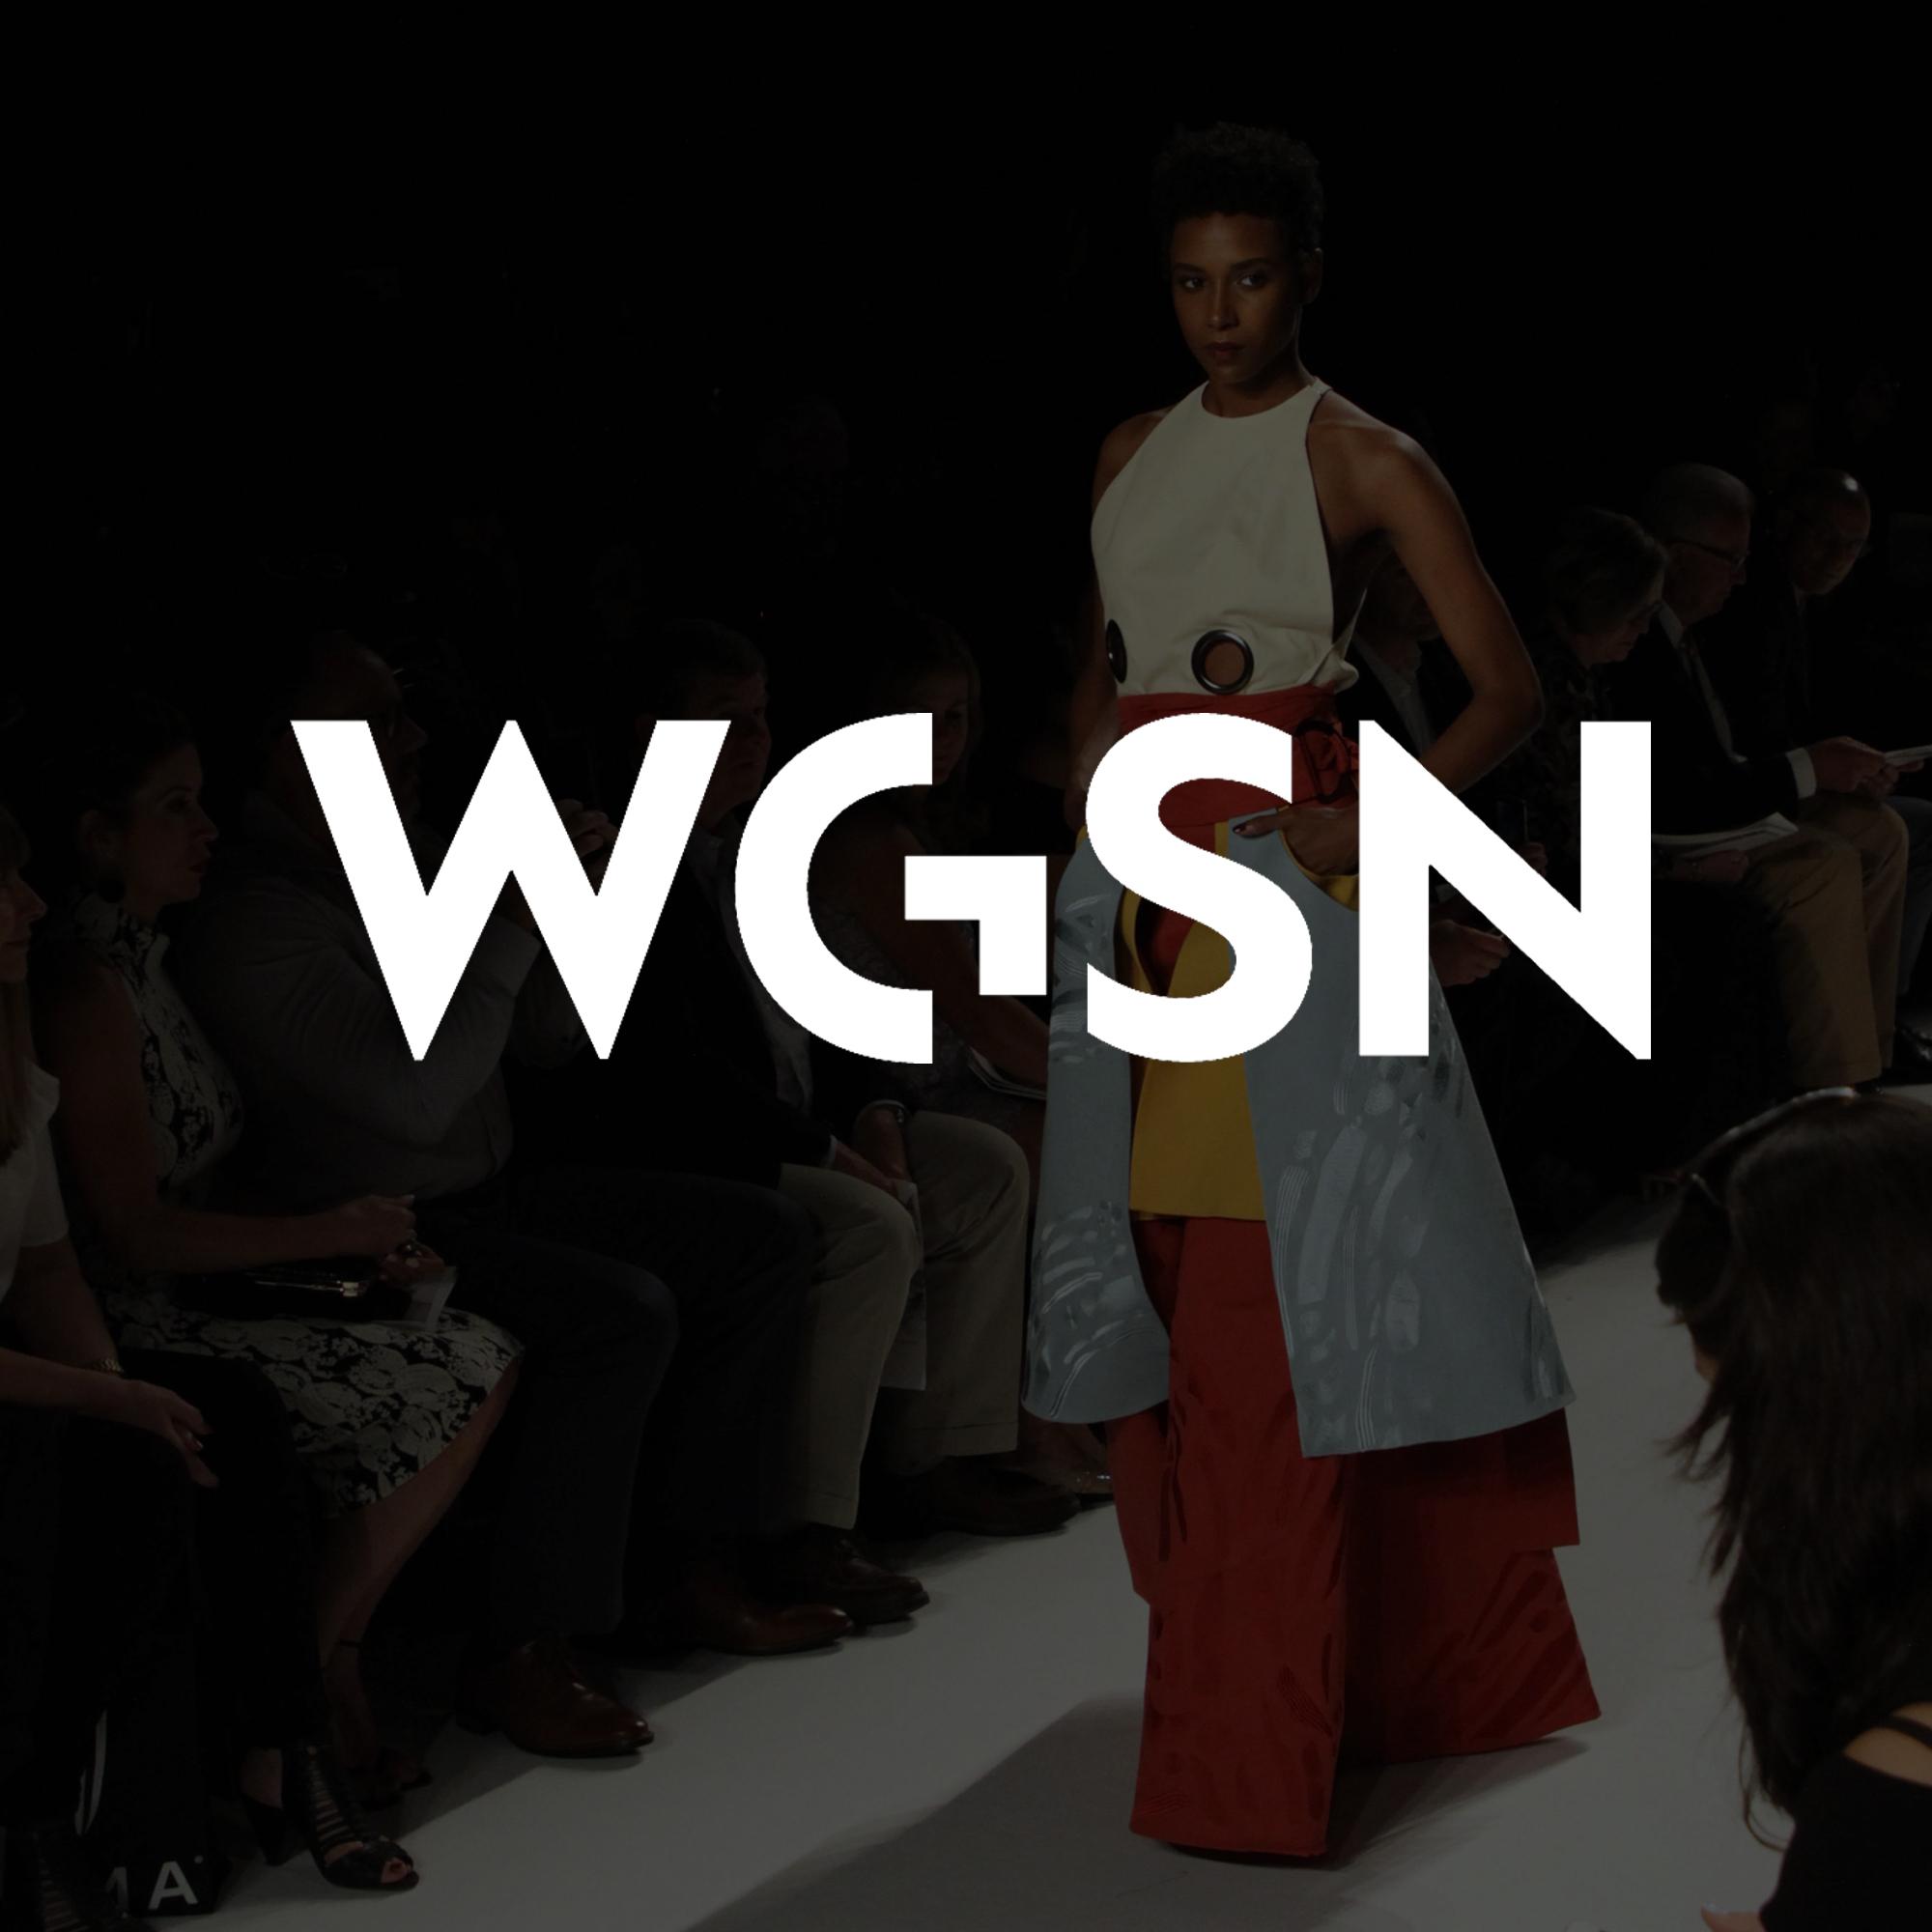 WGSN-press-simple.jpg